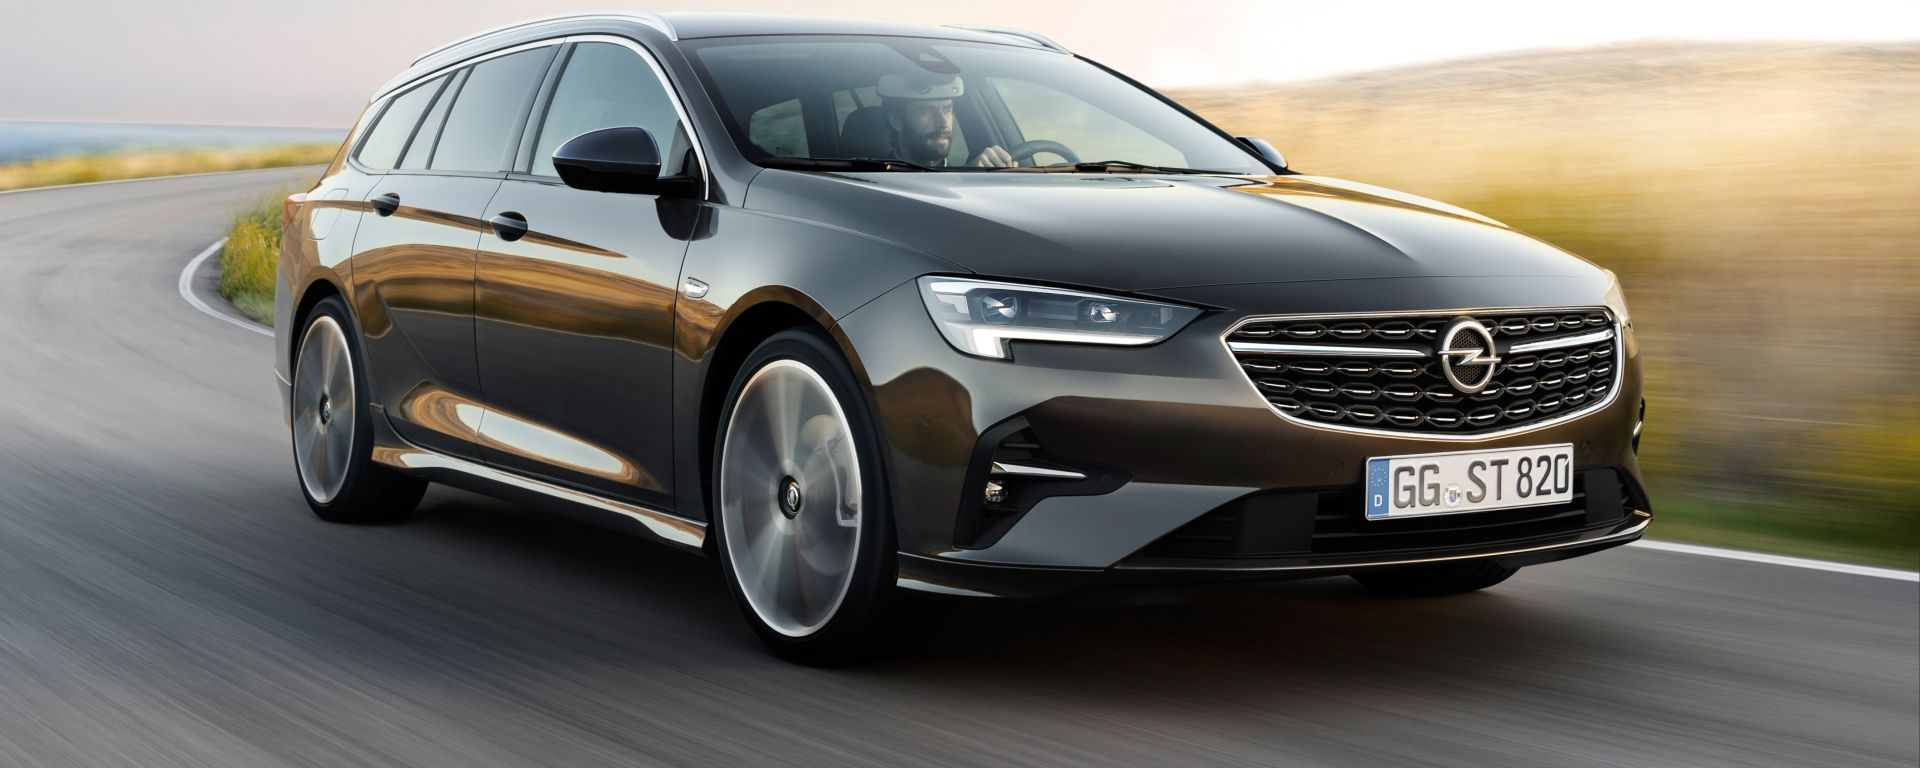 In prova con la nuova Opel Insignia Sports Tourer